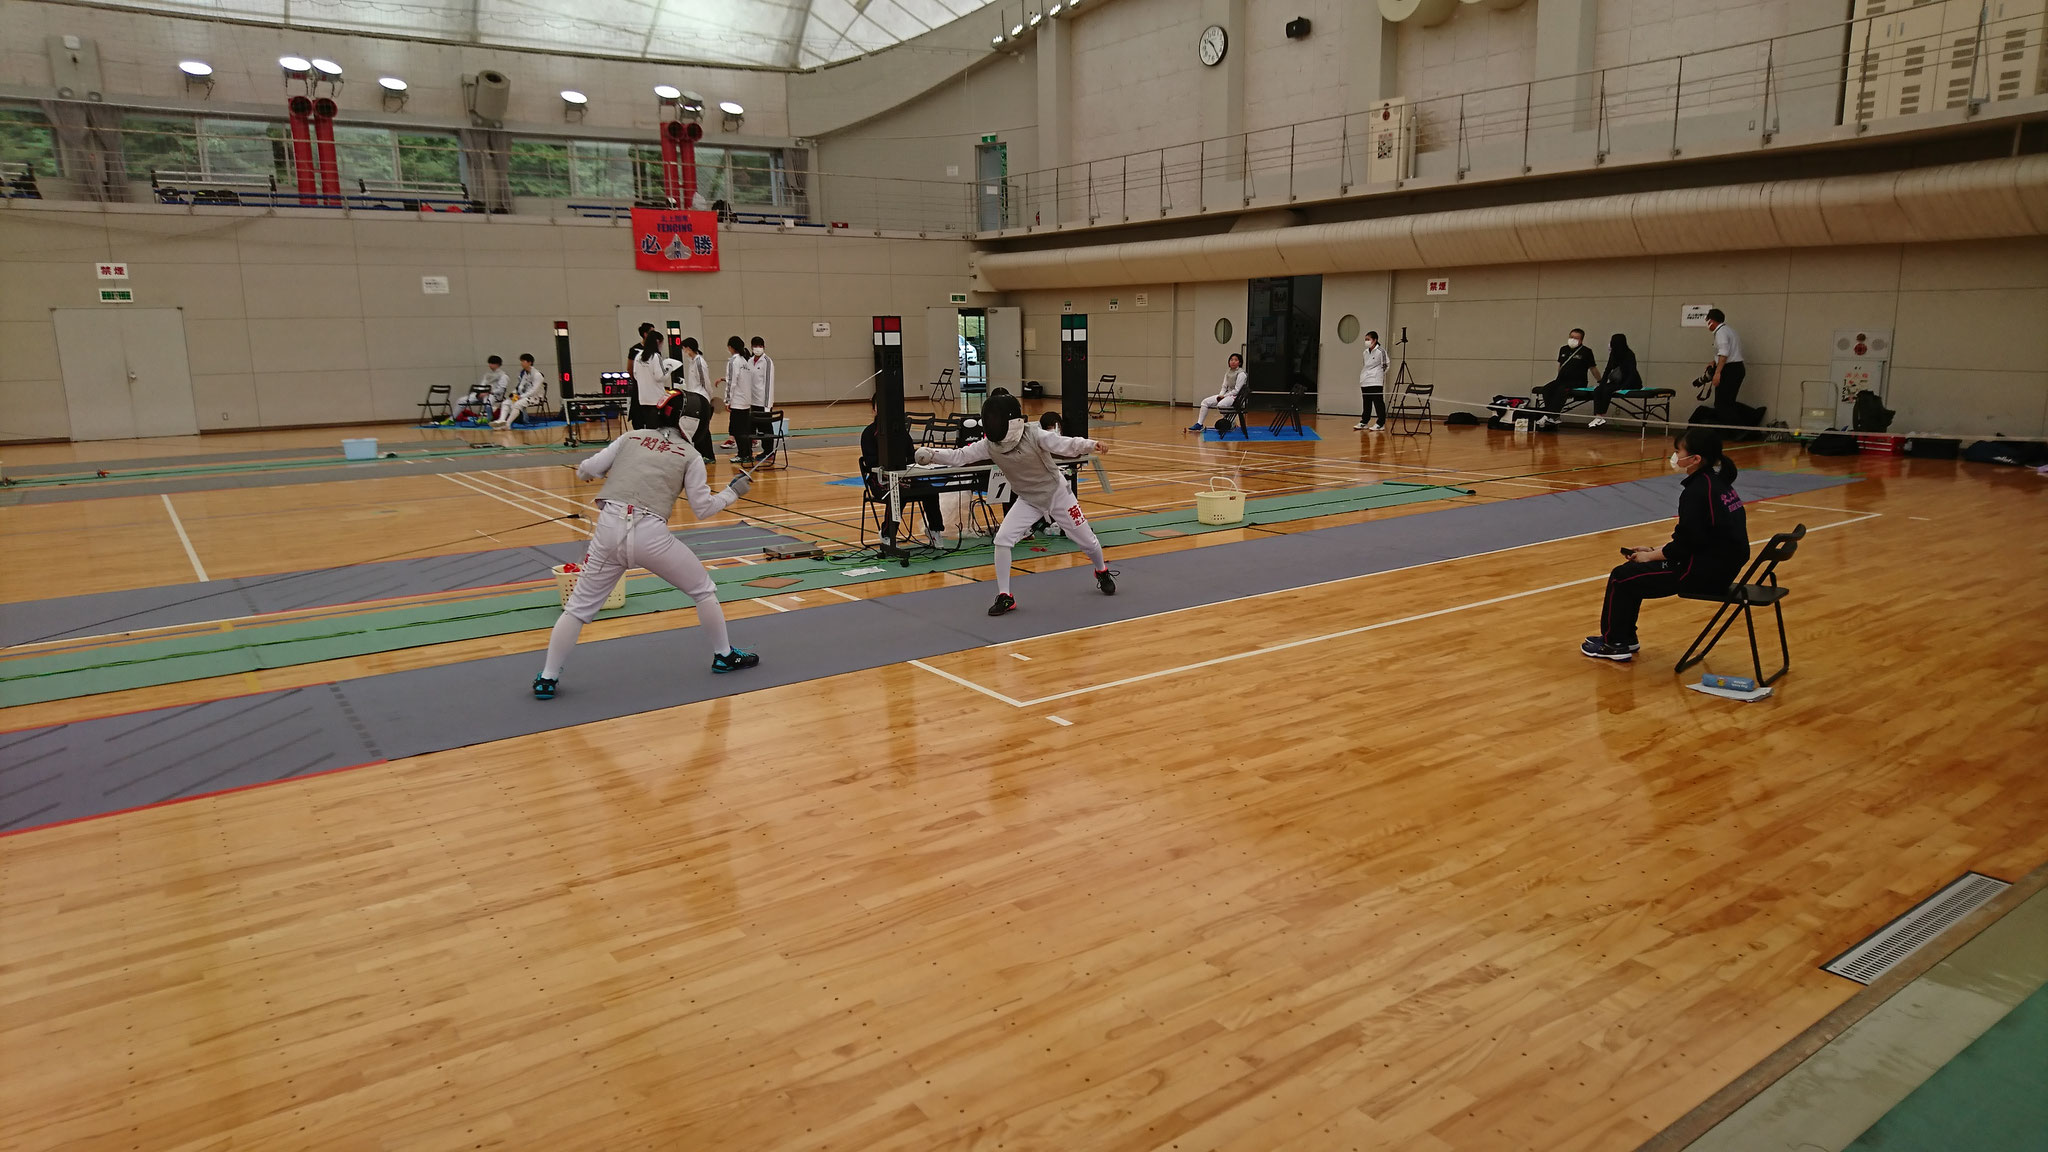 【フェンシング】5/28~5/29 @一関市産業教養文化体育施設